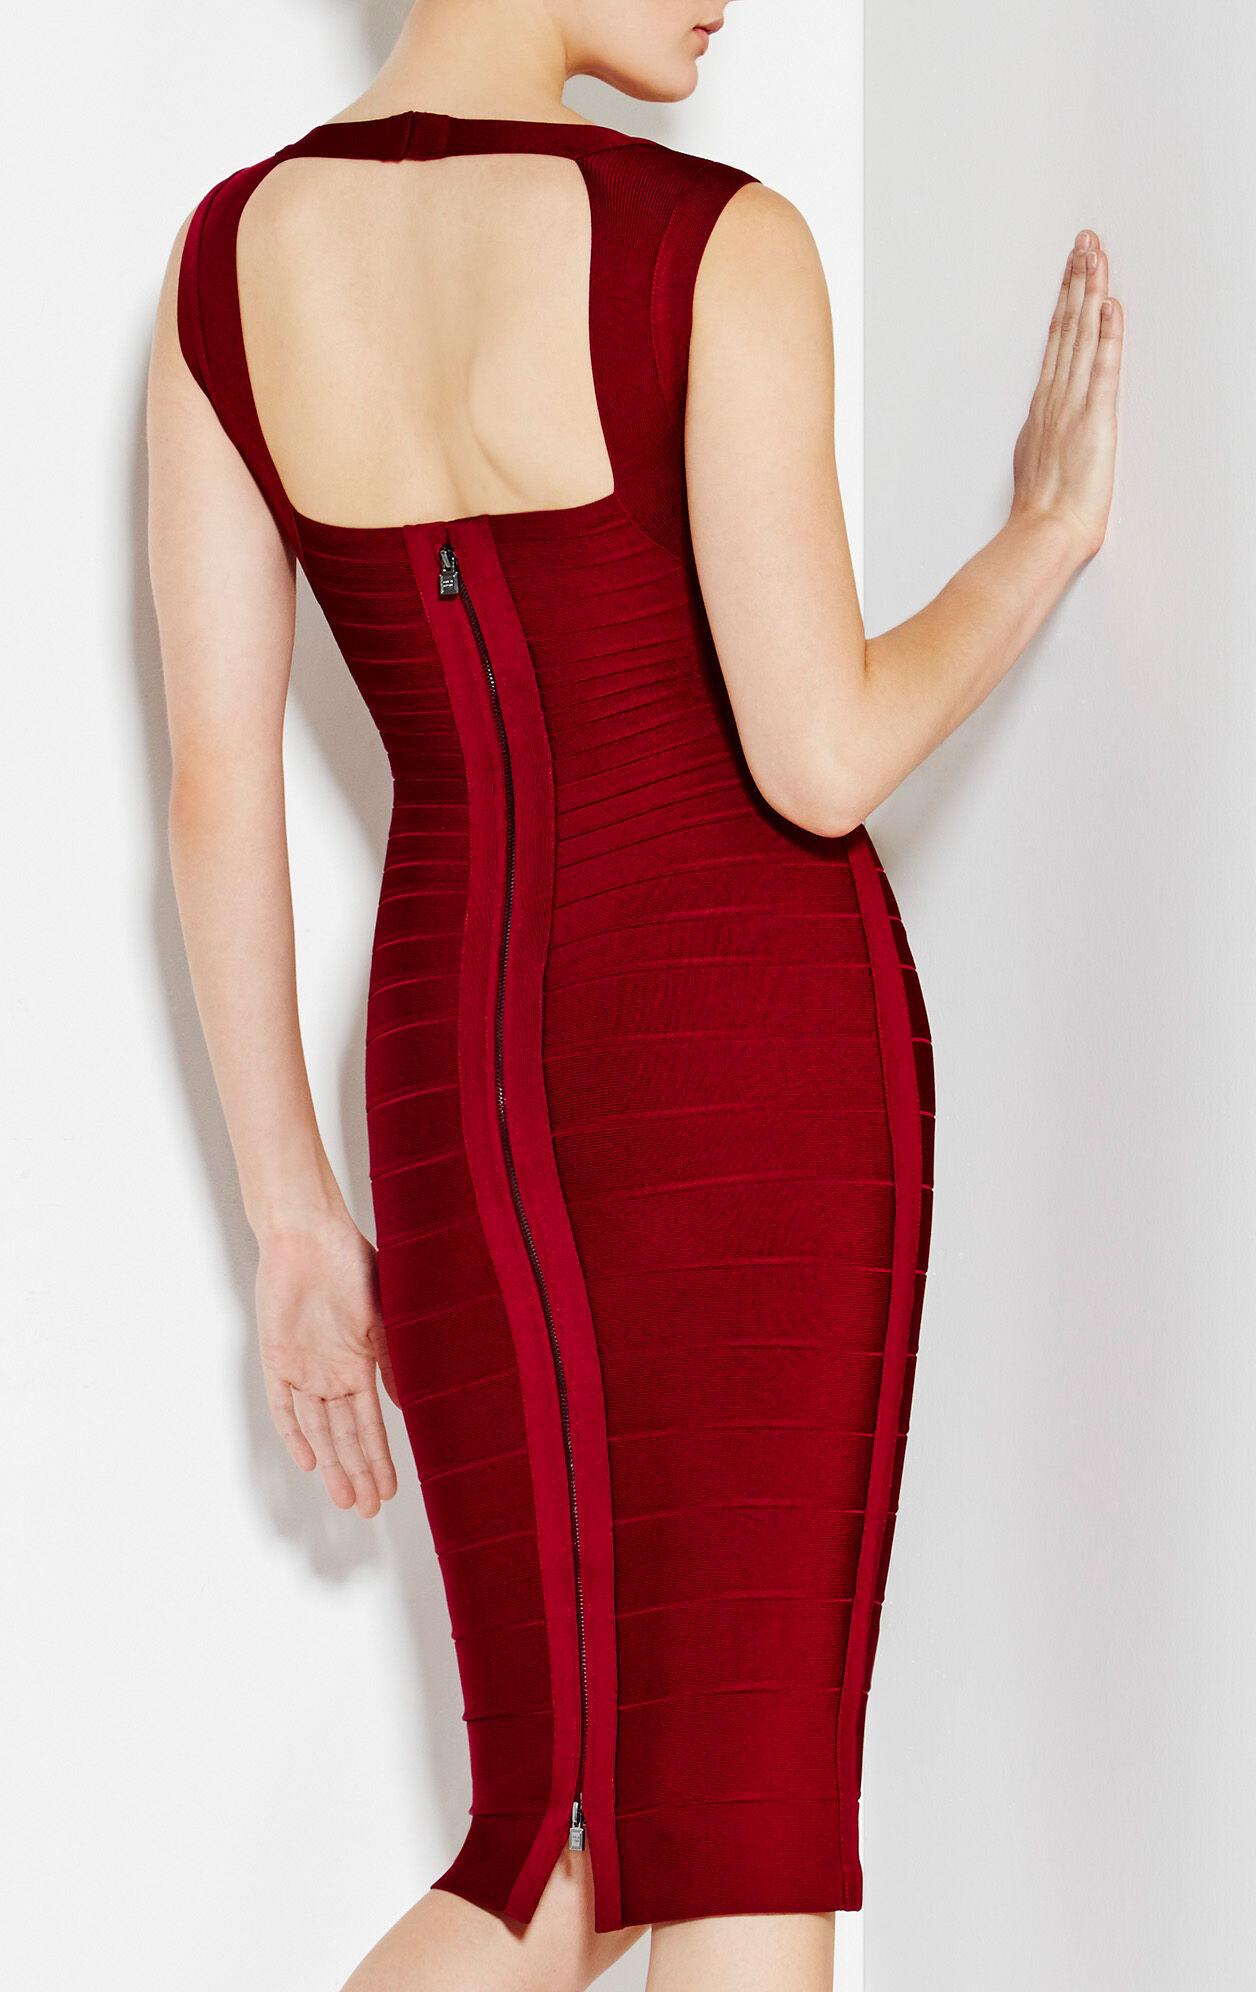 Sarai Signature Essentials Dress